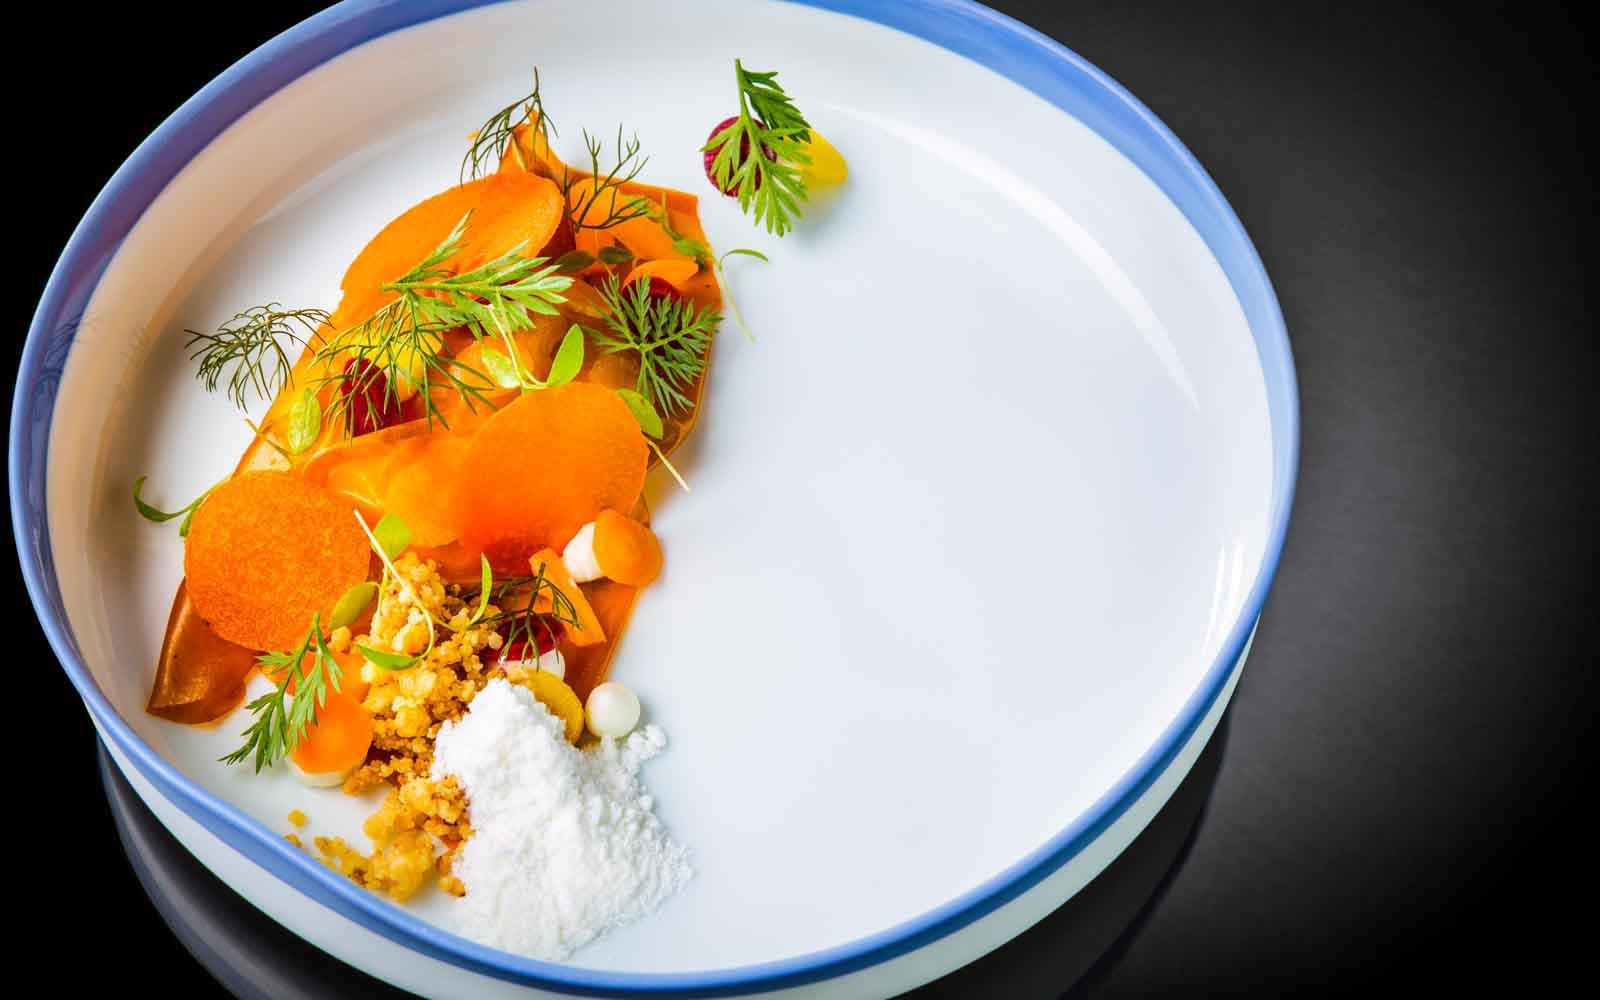 Relais Chateuax Rosengarten Hotel Spa 5 Star Kirchberg Tyrol Austria Food Culinary Gourmet Restaurant